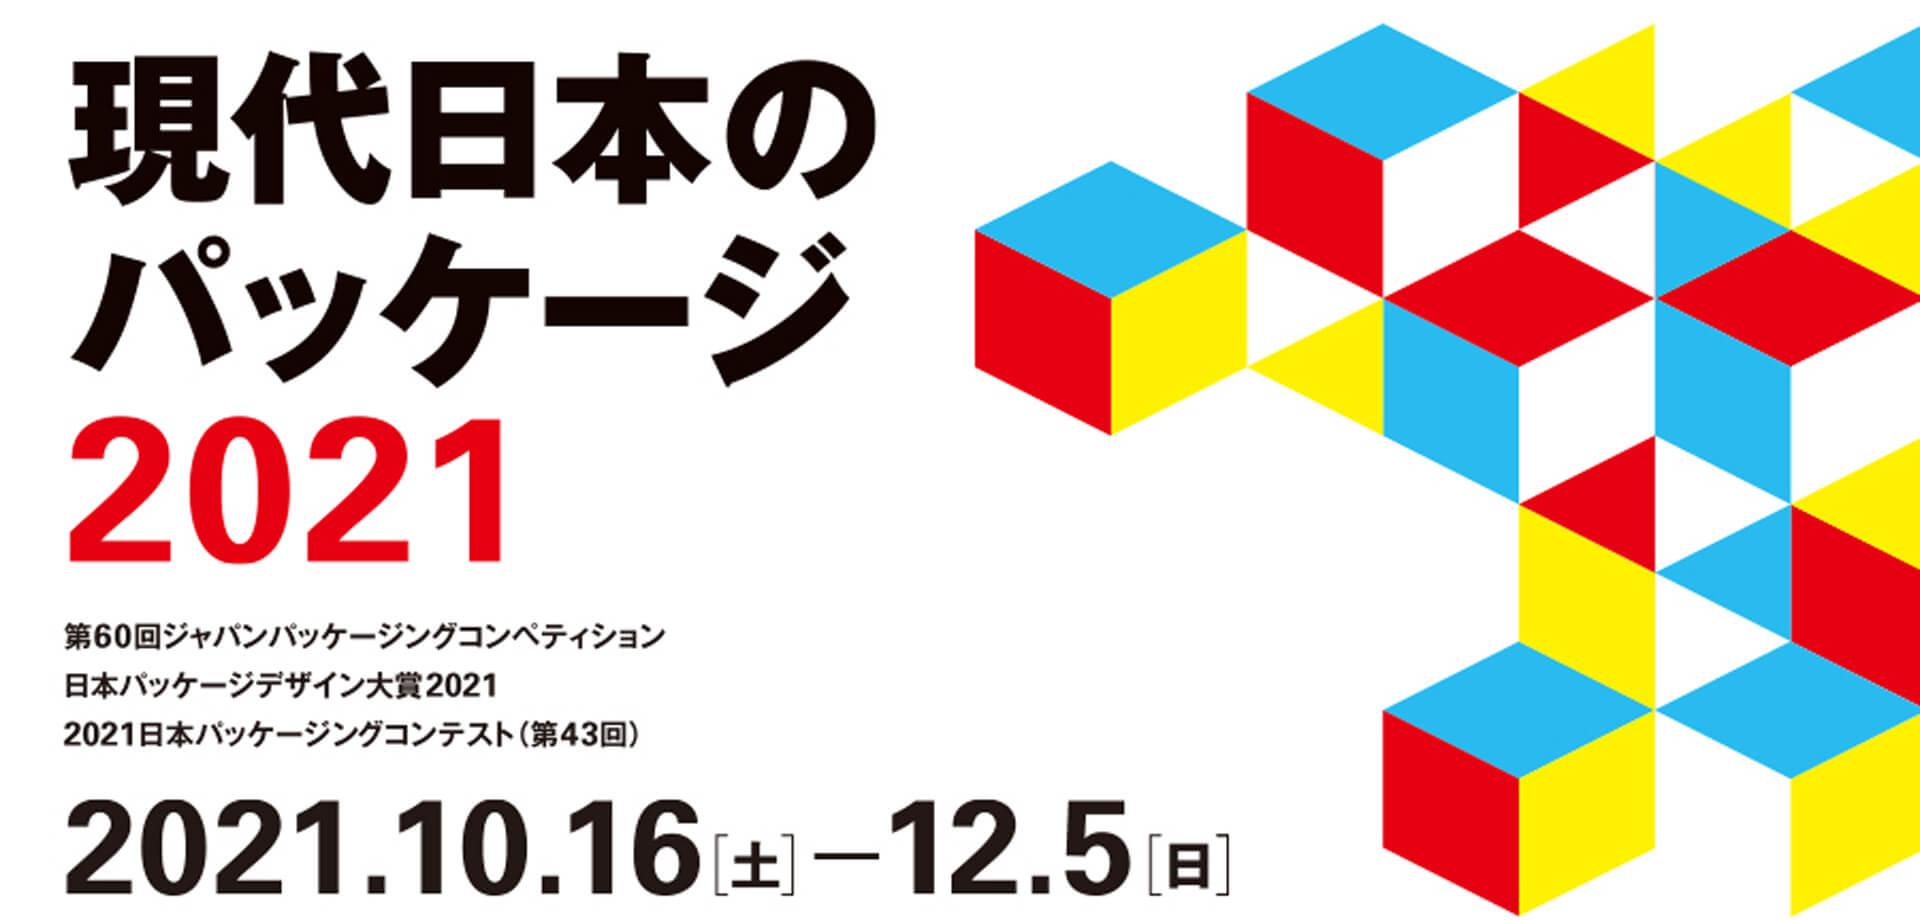 印刷博物館 P&Pギャラリー 「現代日本のパッケージ2021」展